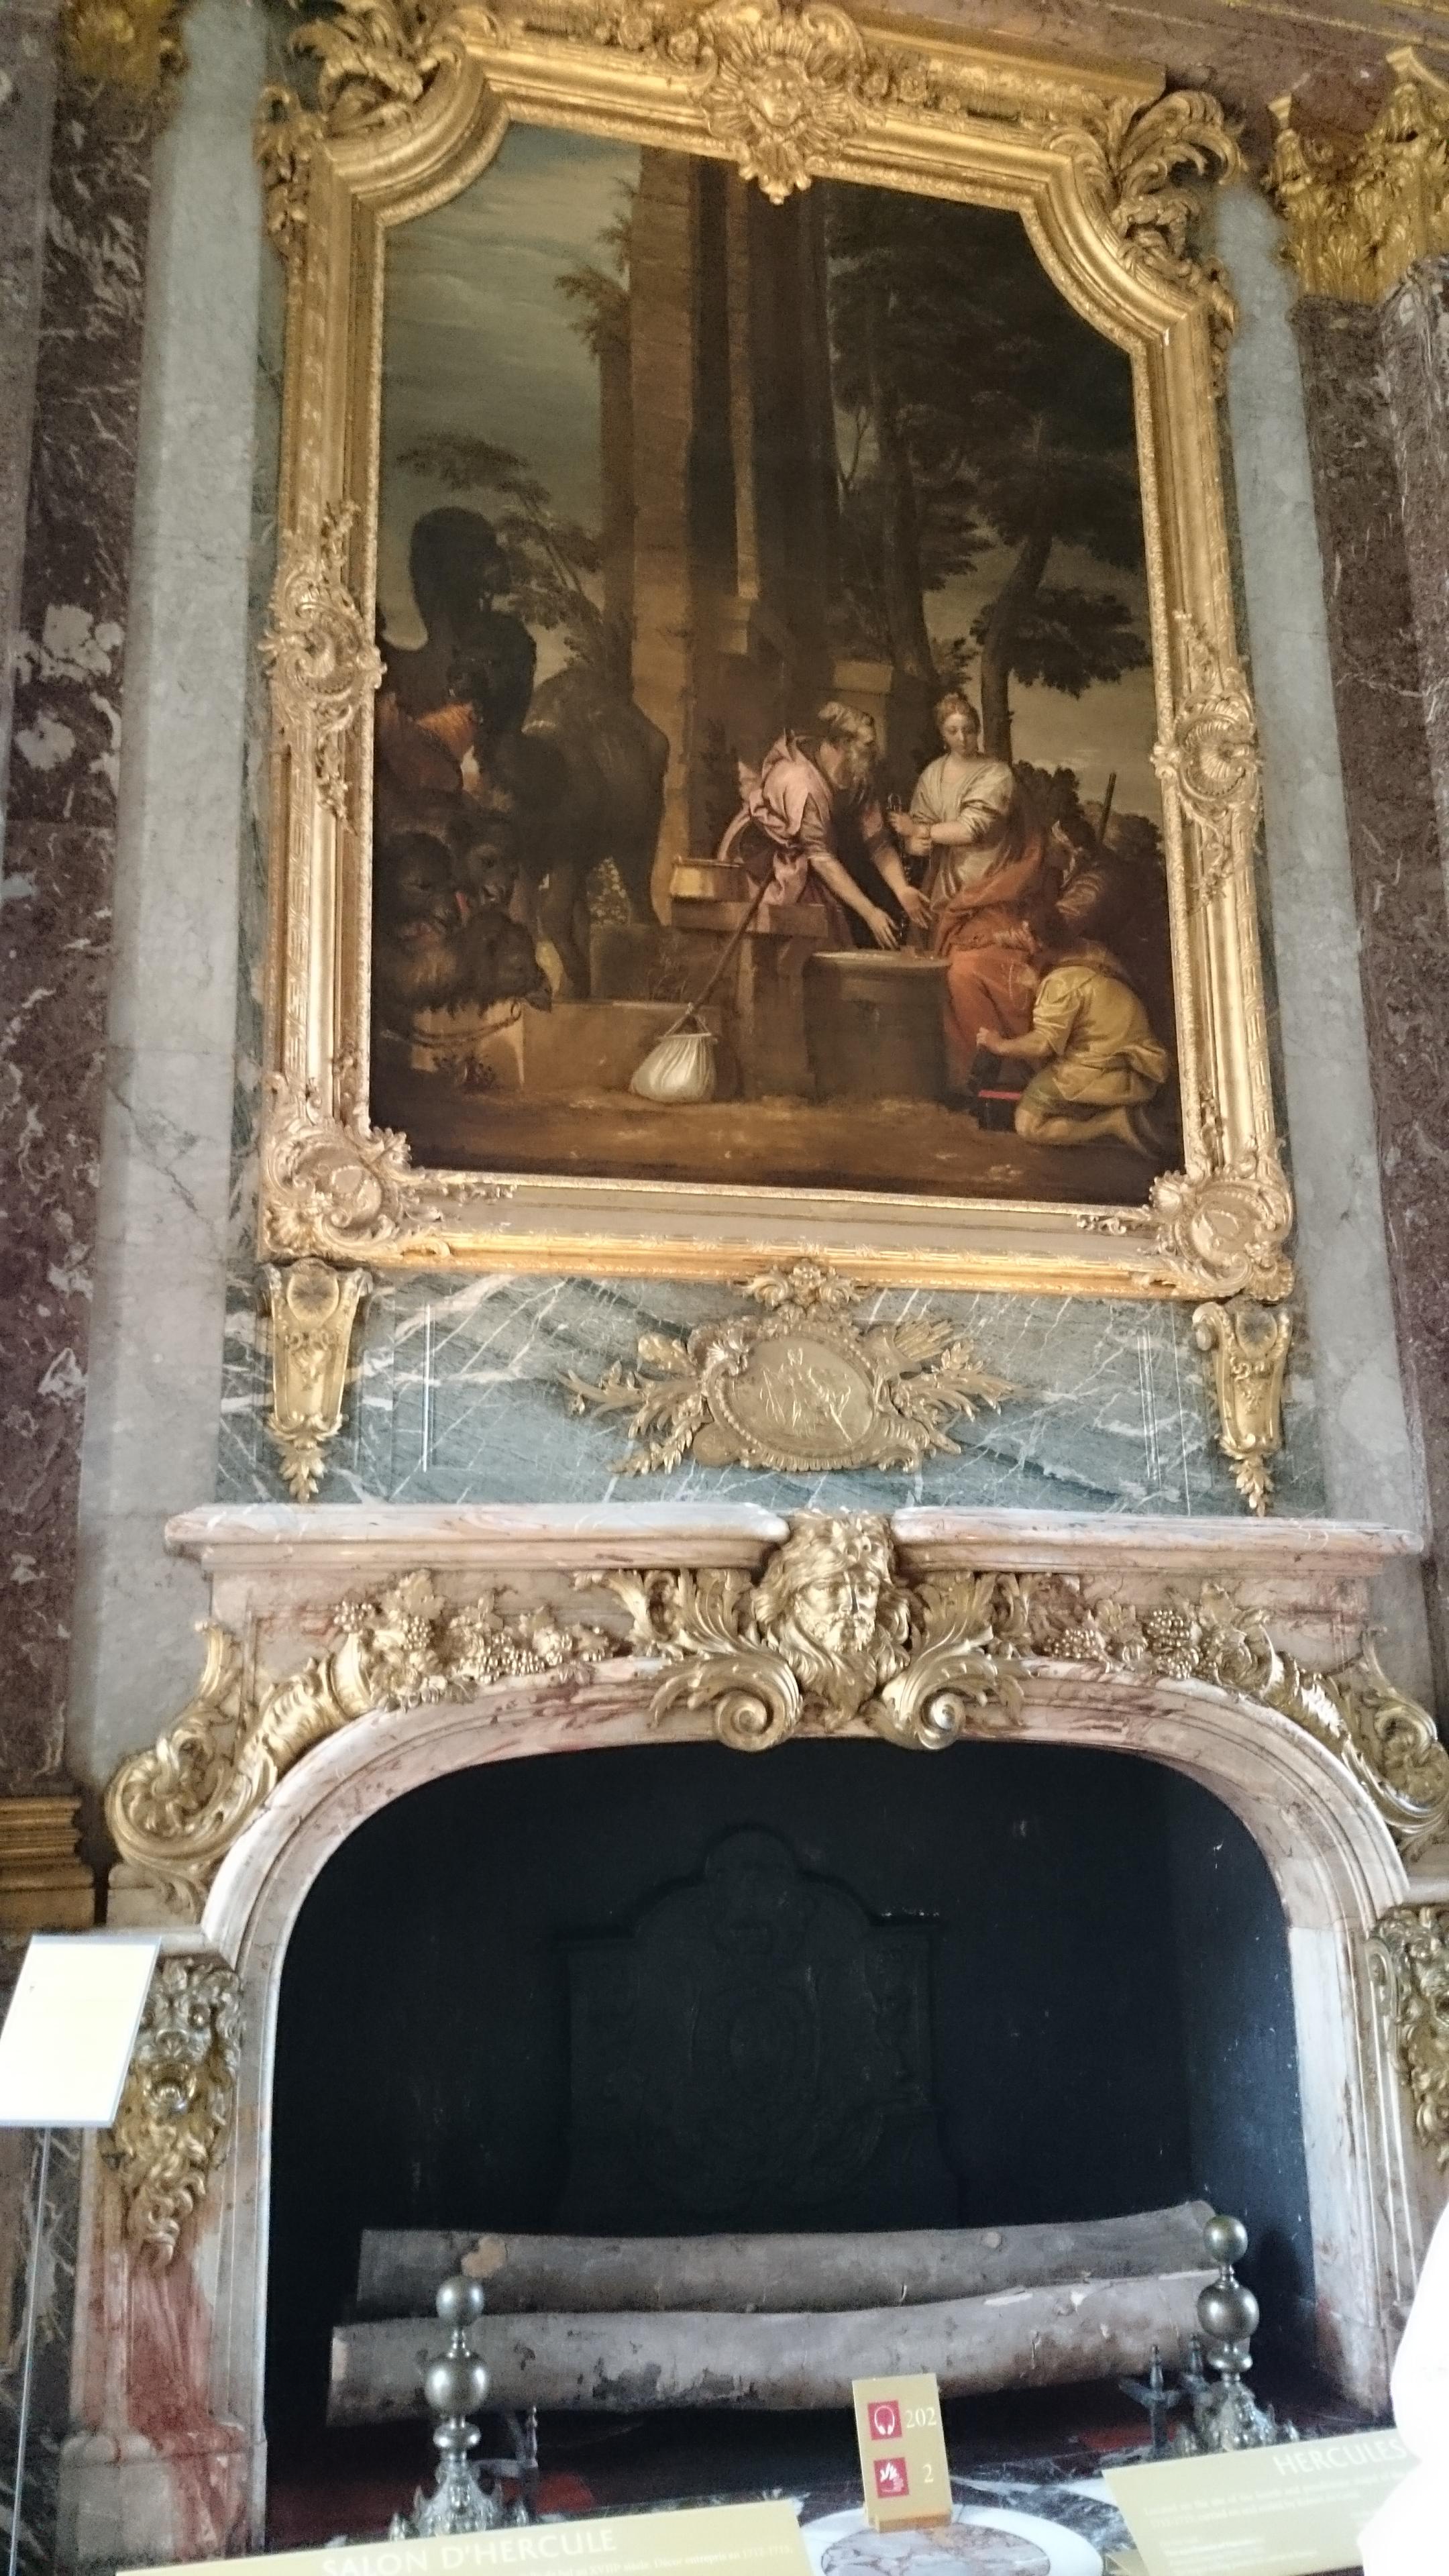 dsc 13301 - Visita al Palacio de Versalles: Como ir, cuanto cuesta y tips III/III